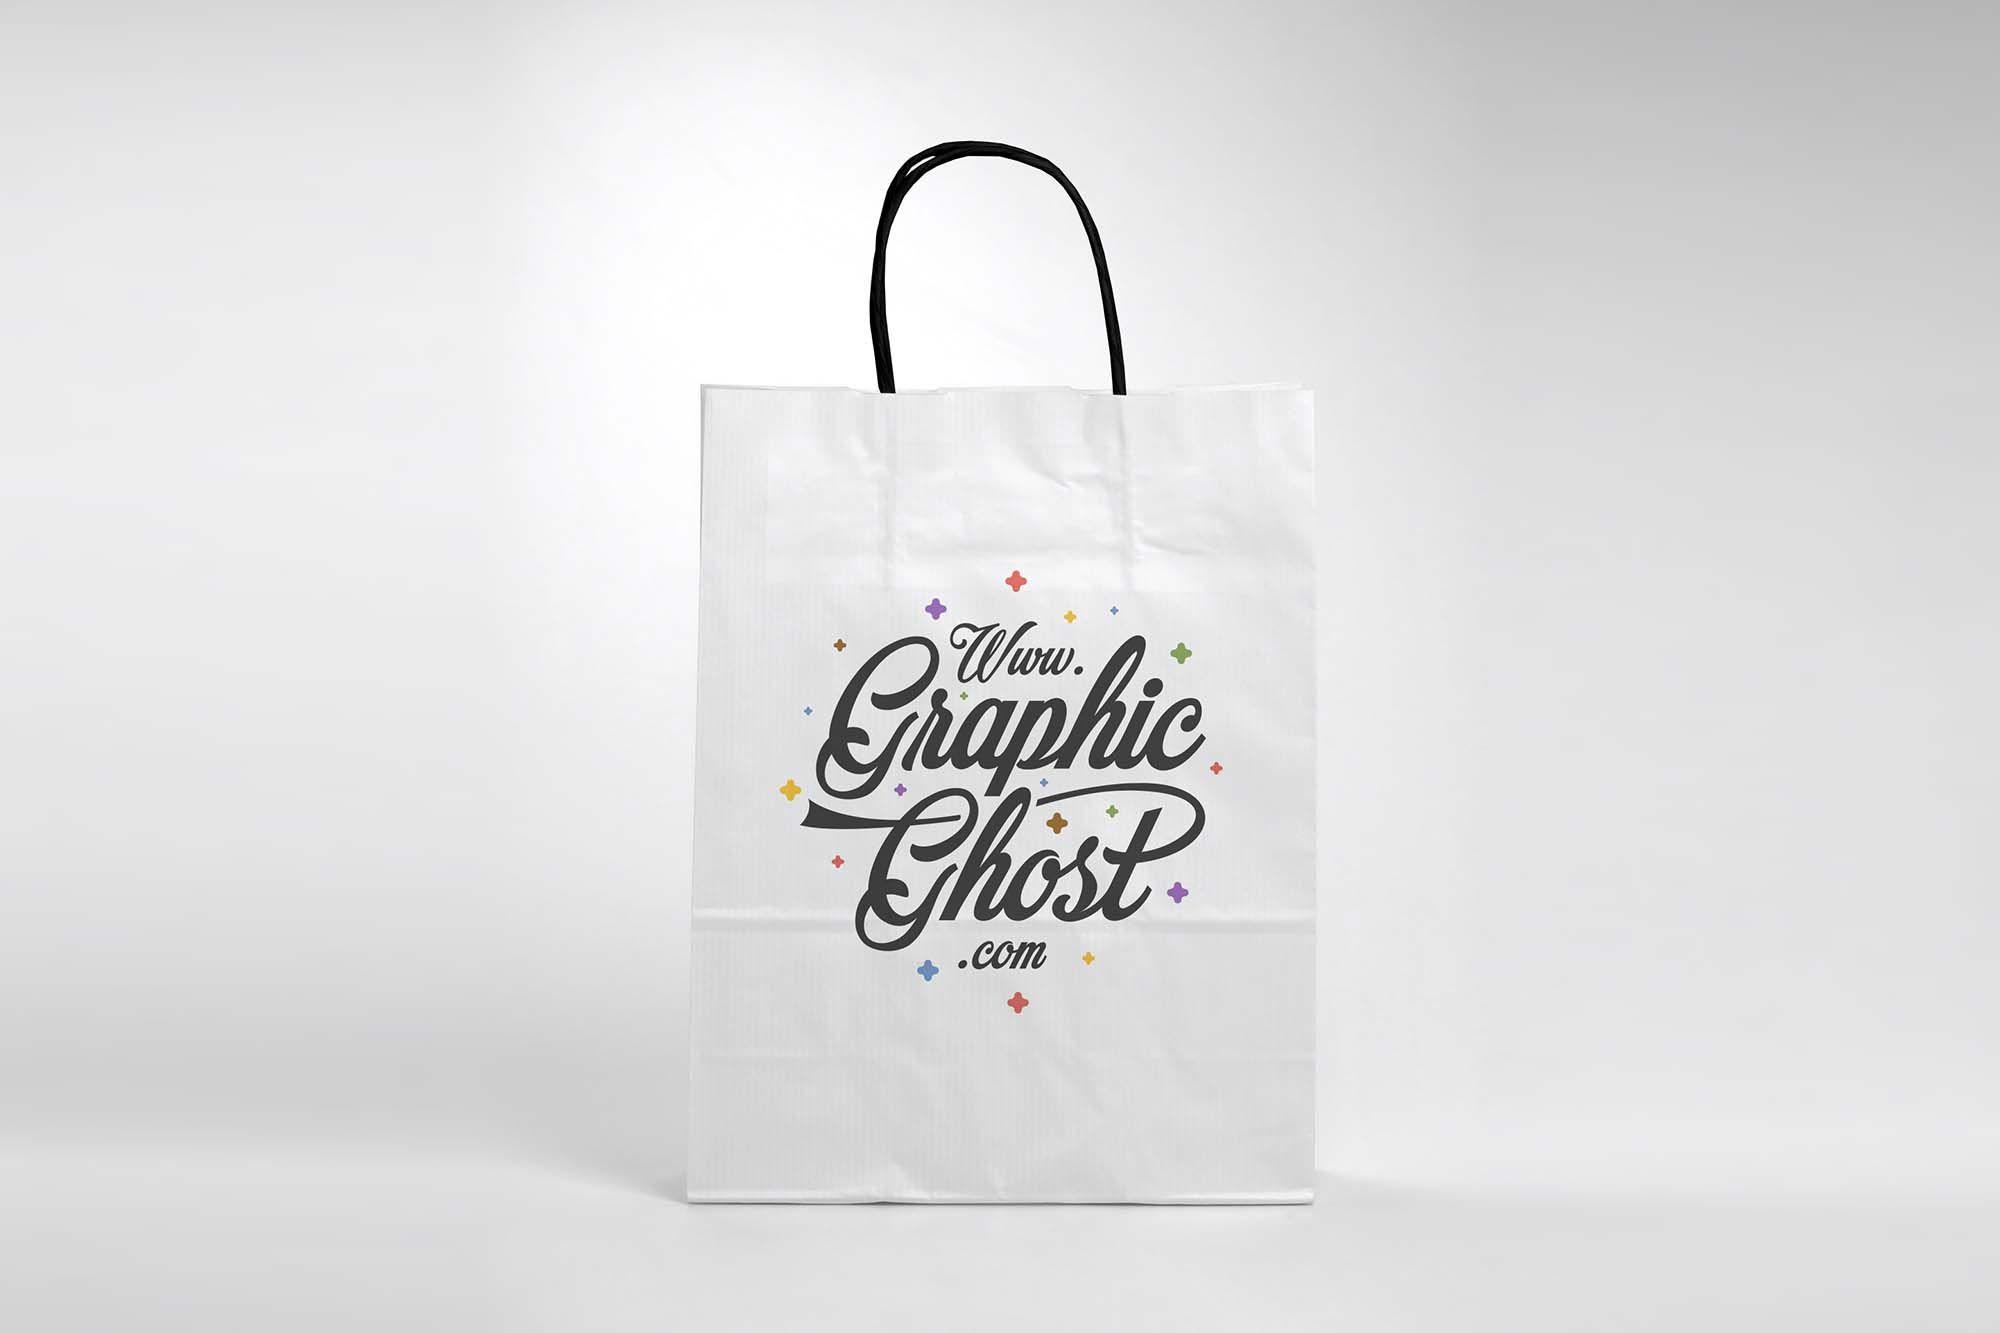 11811+ Bag Design Mockup Psd Download Free